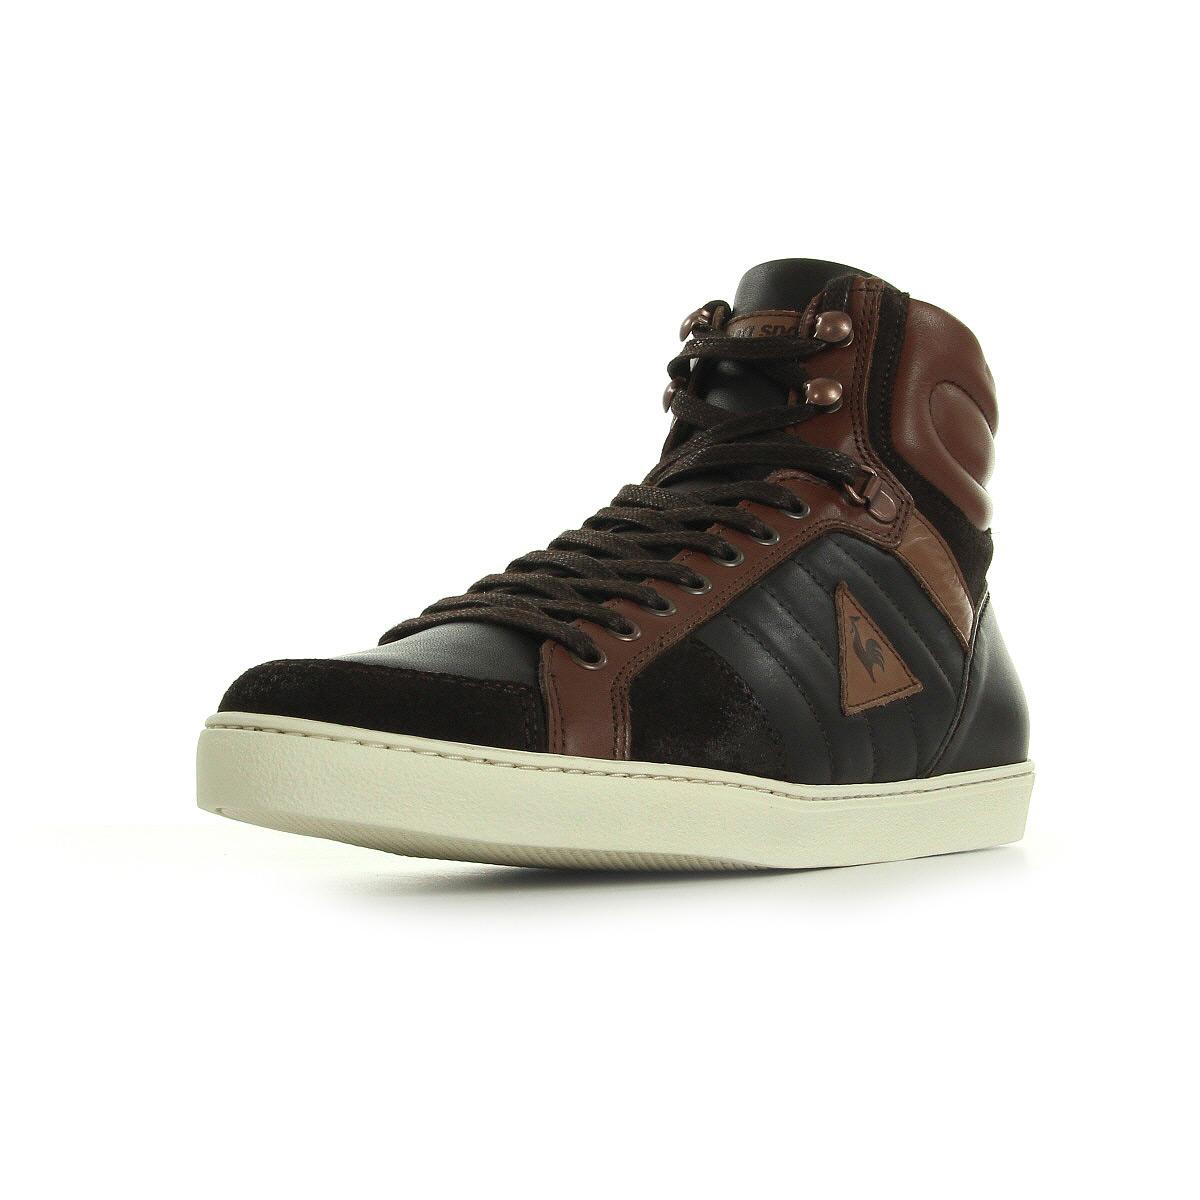 Basket mode - Sneakers LE COQ SPORTIF Perpignan Mid Marron n1dRmazTBi